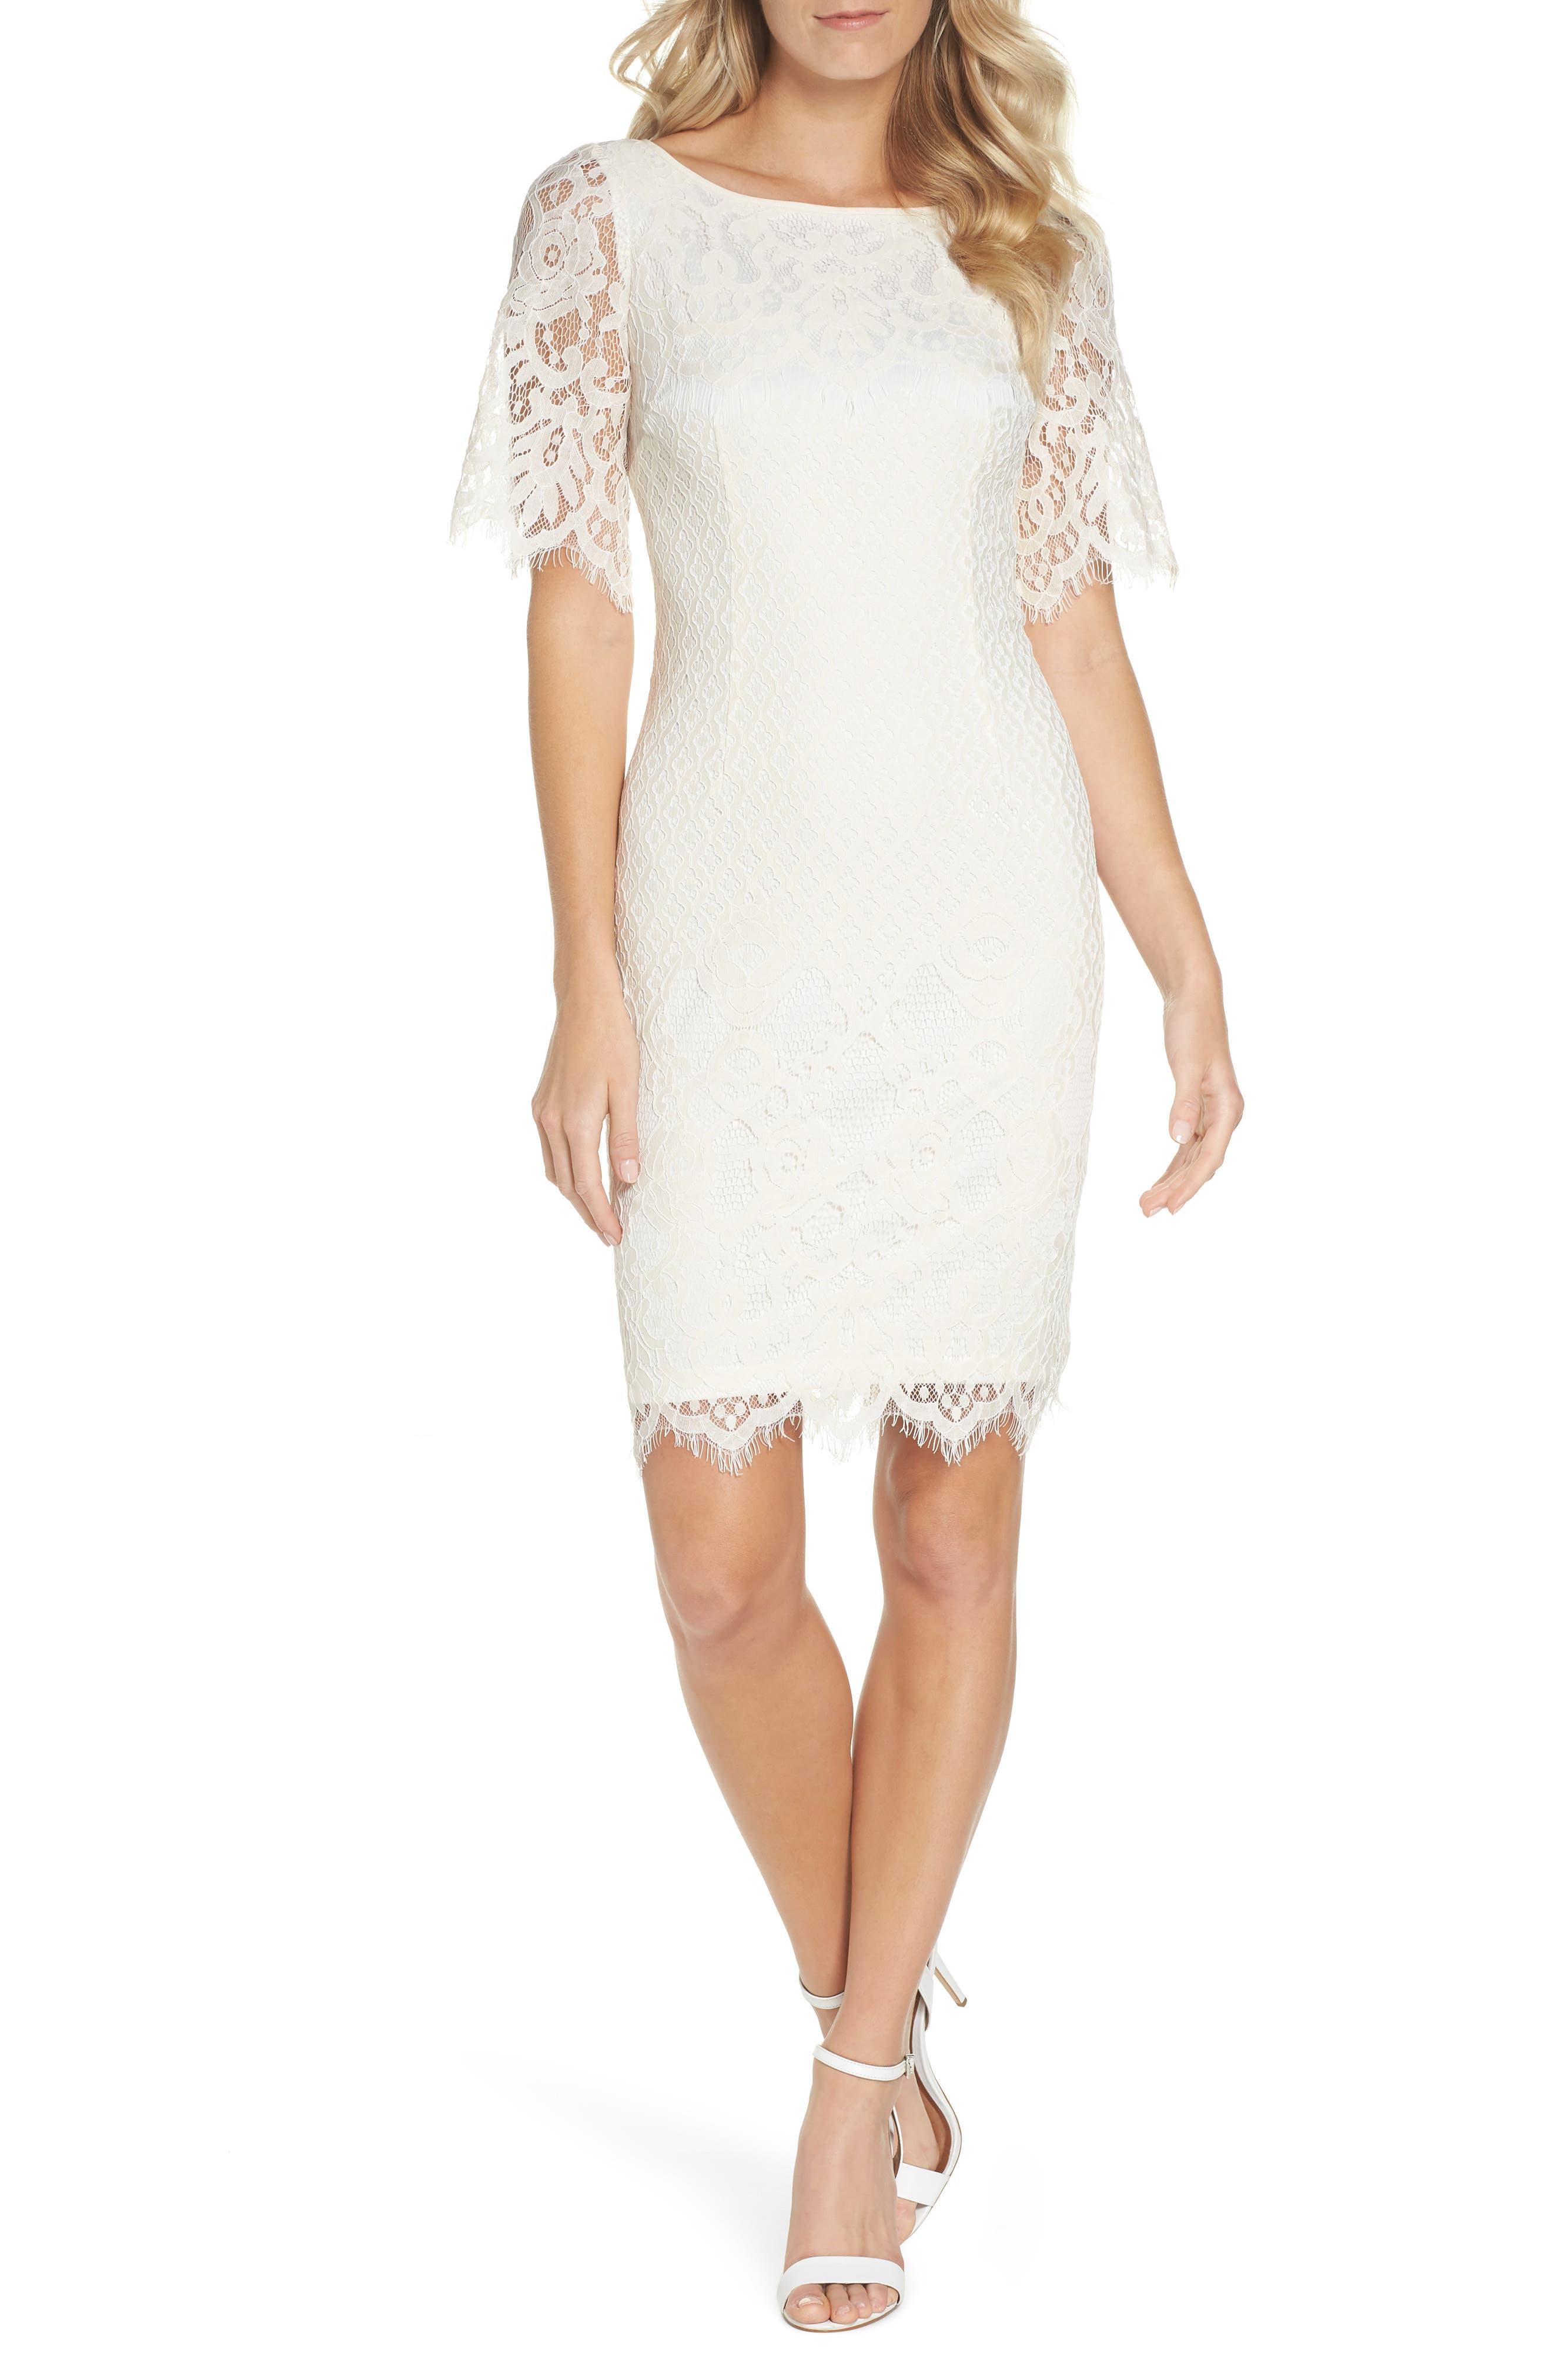 Georgia Scalloped Lace Sheath Dress,                         Main,                         color, Ivory